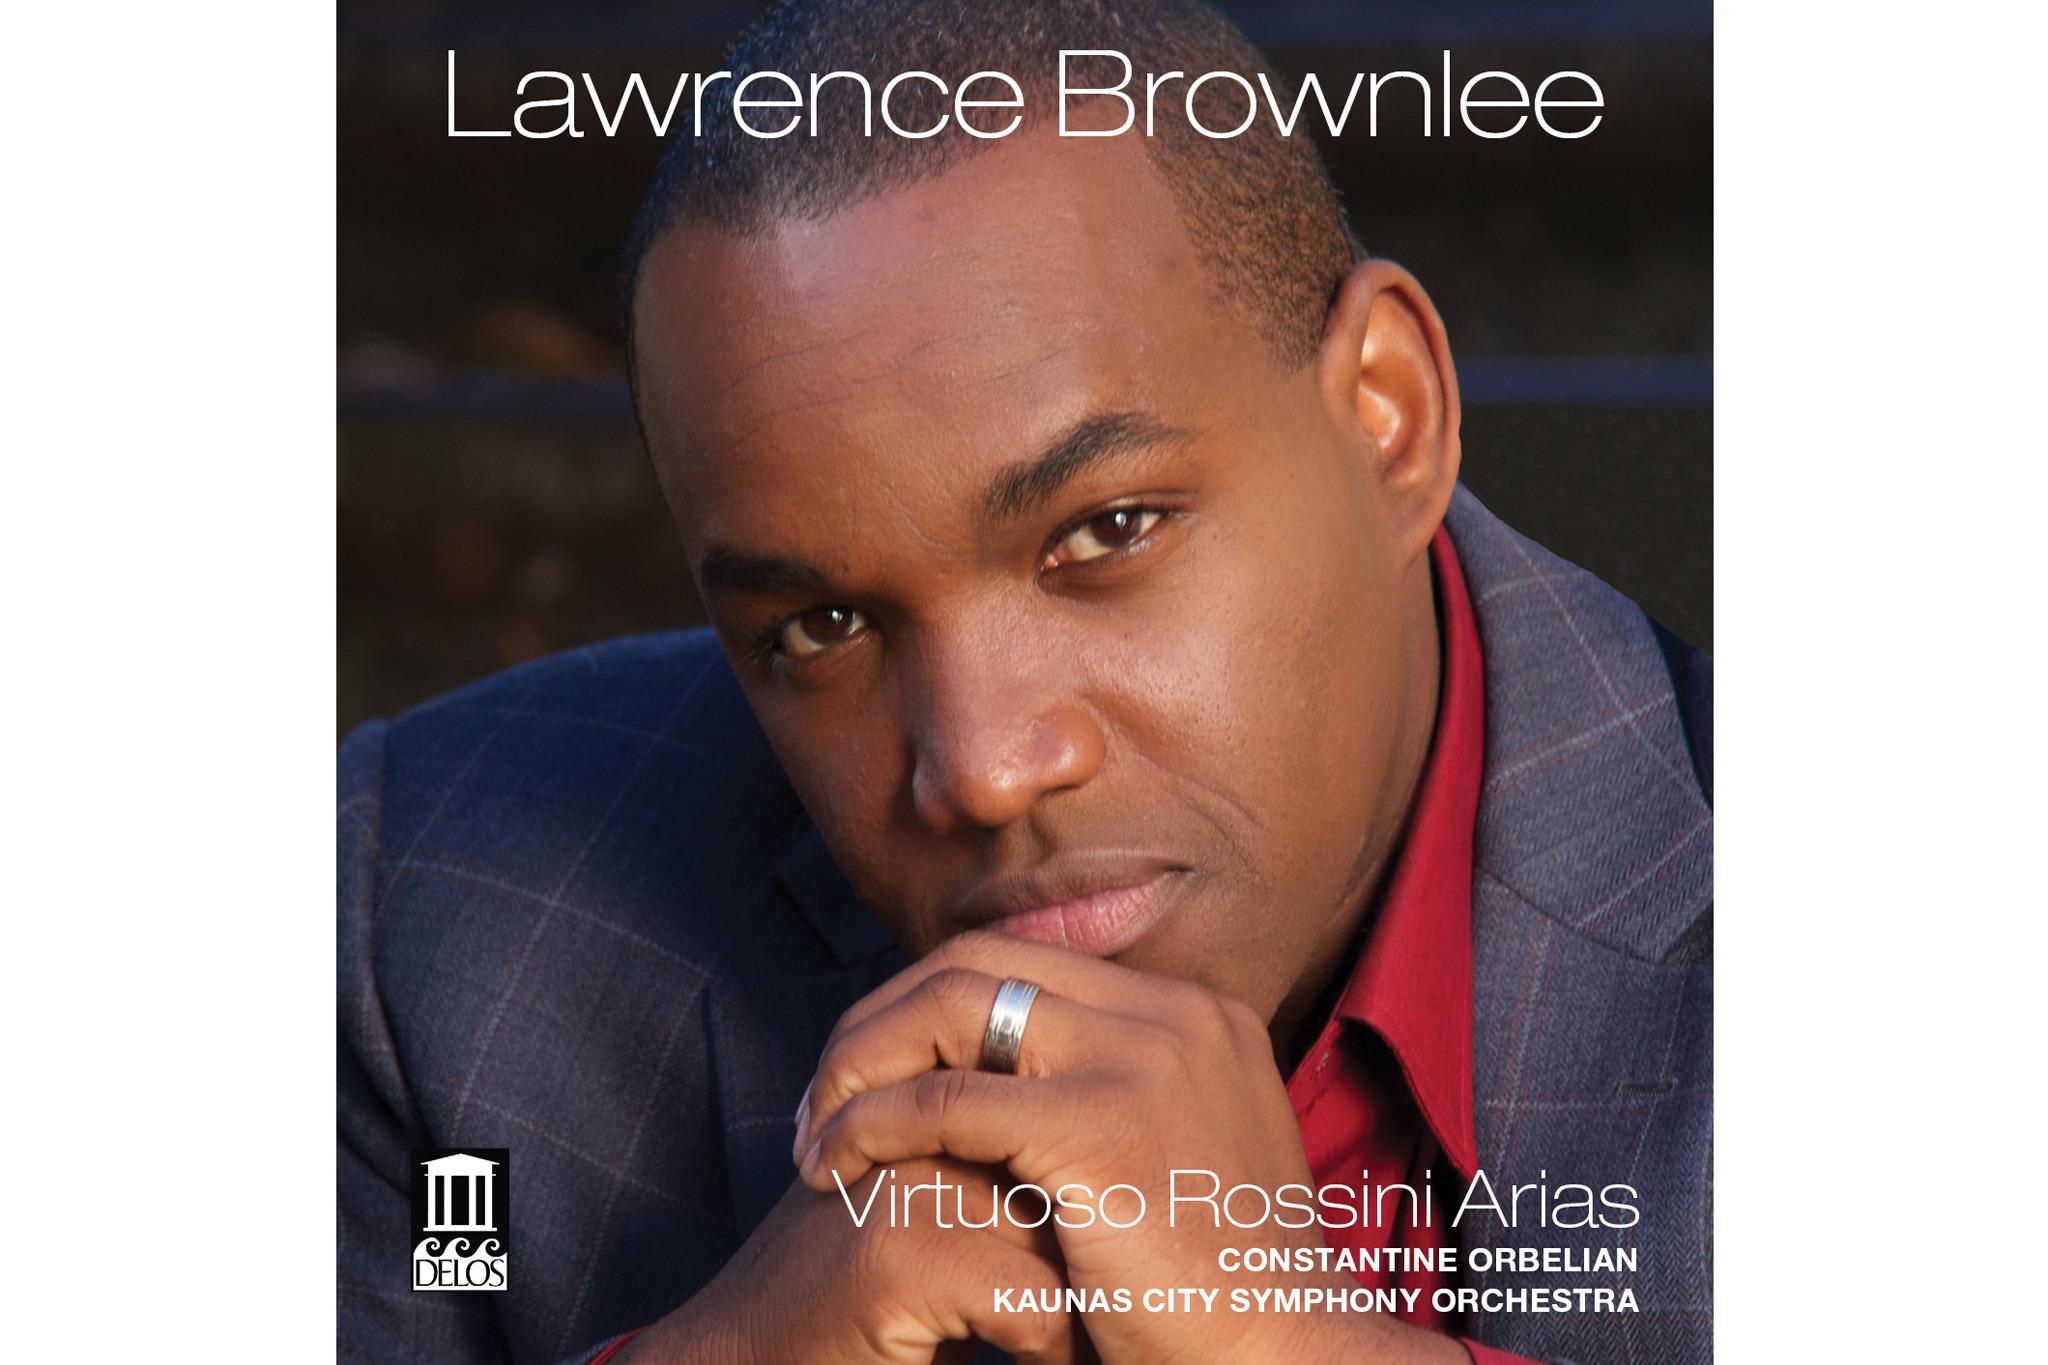 Lawrence Brownlee